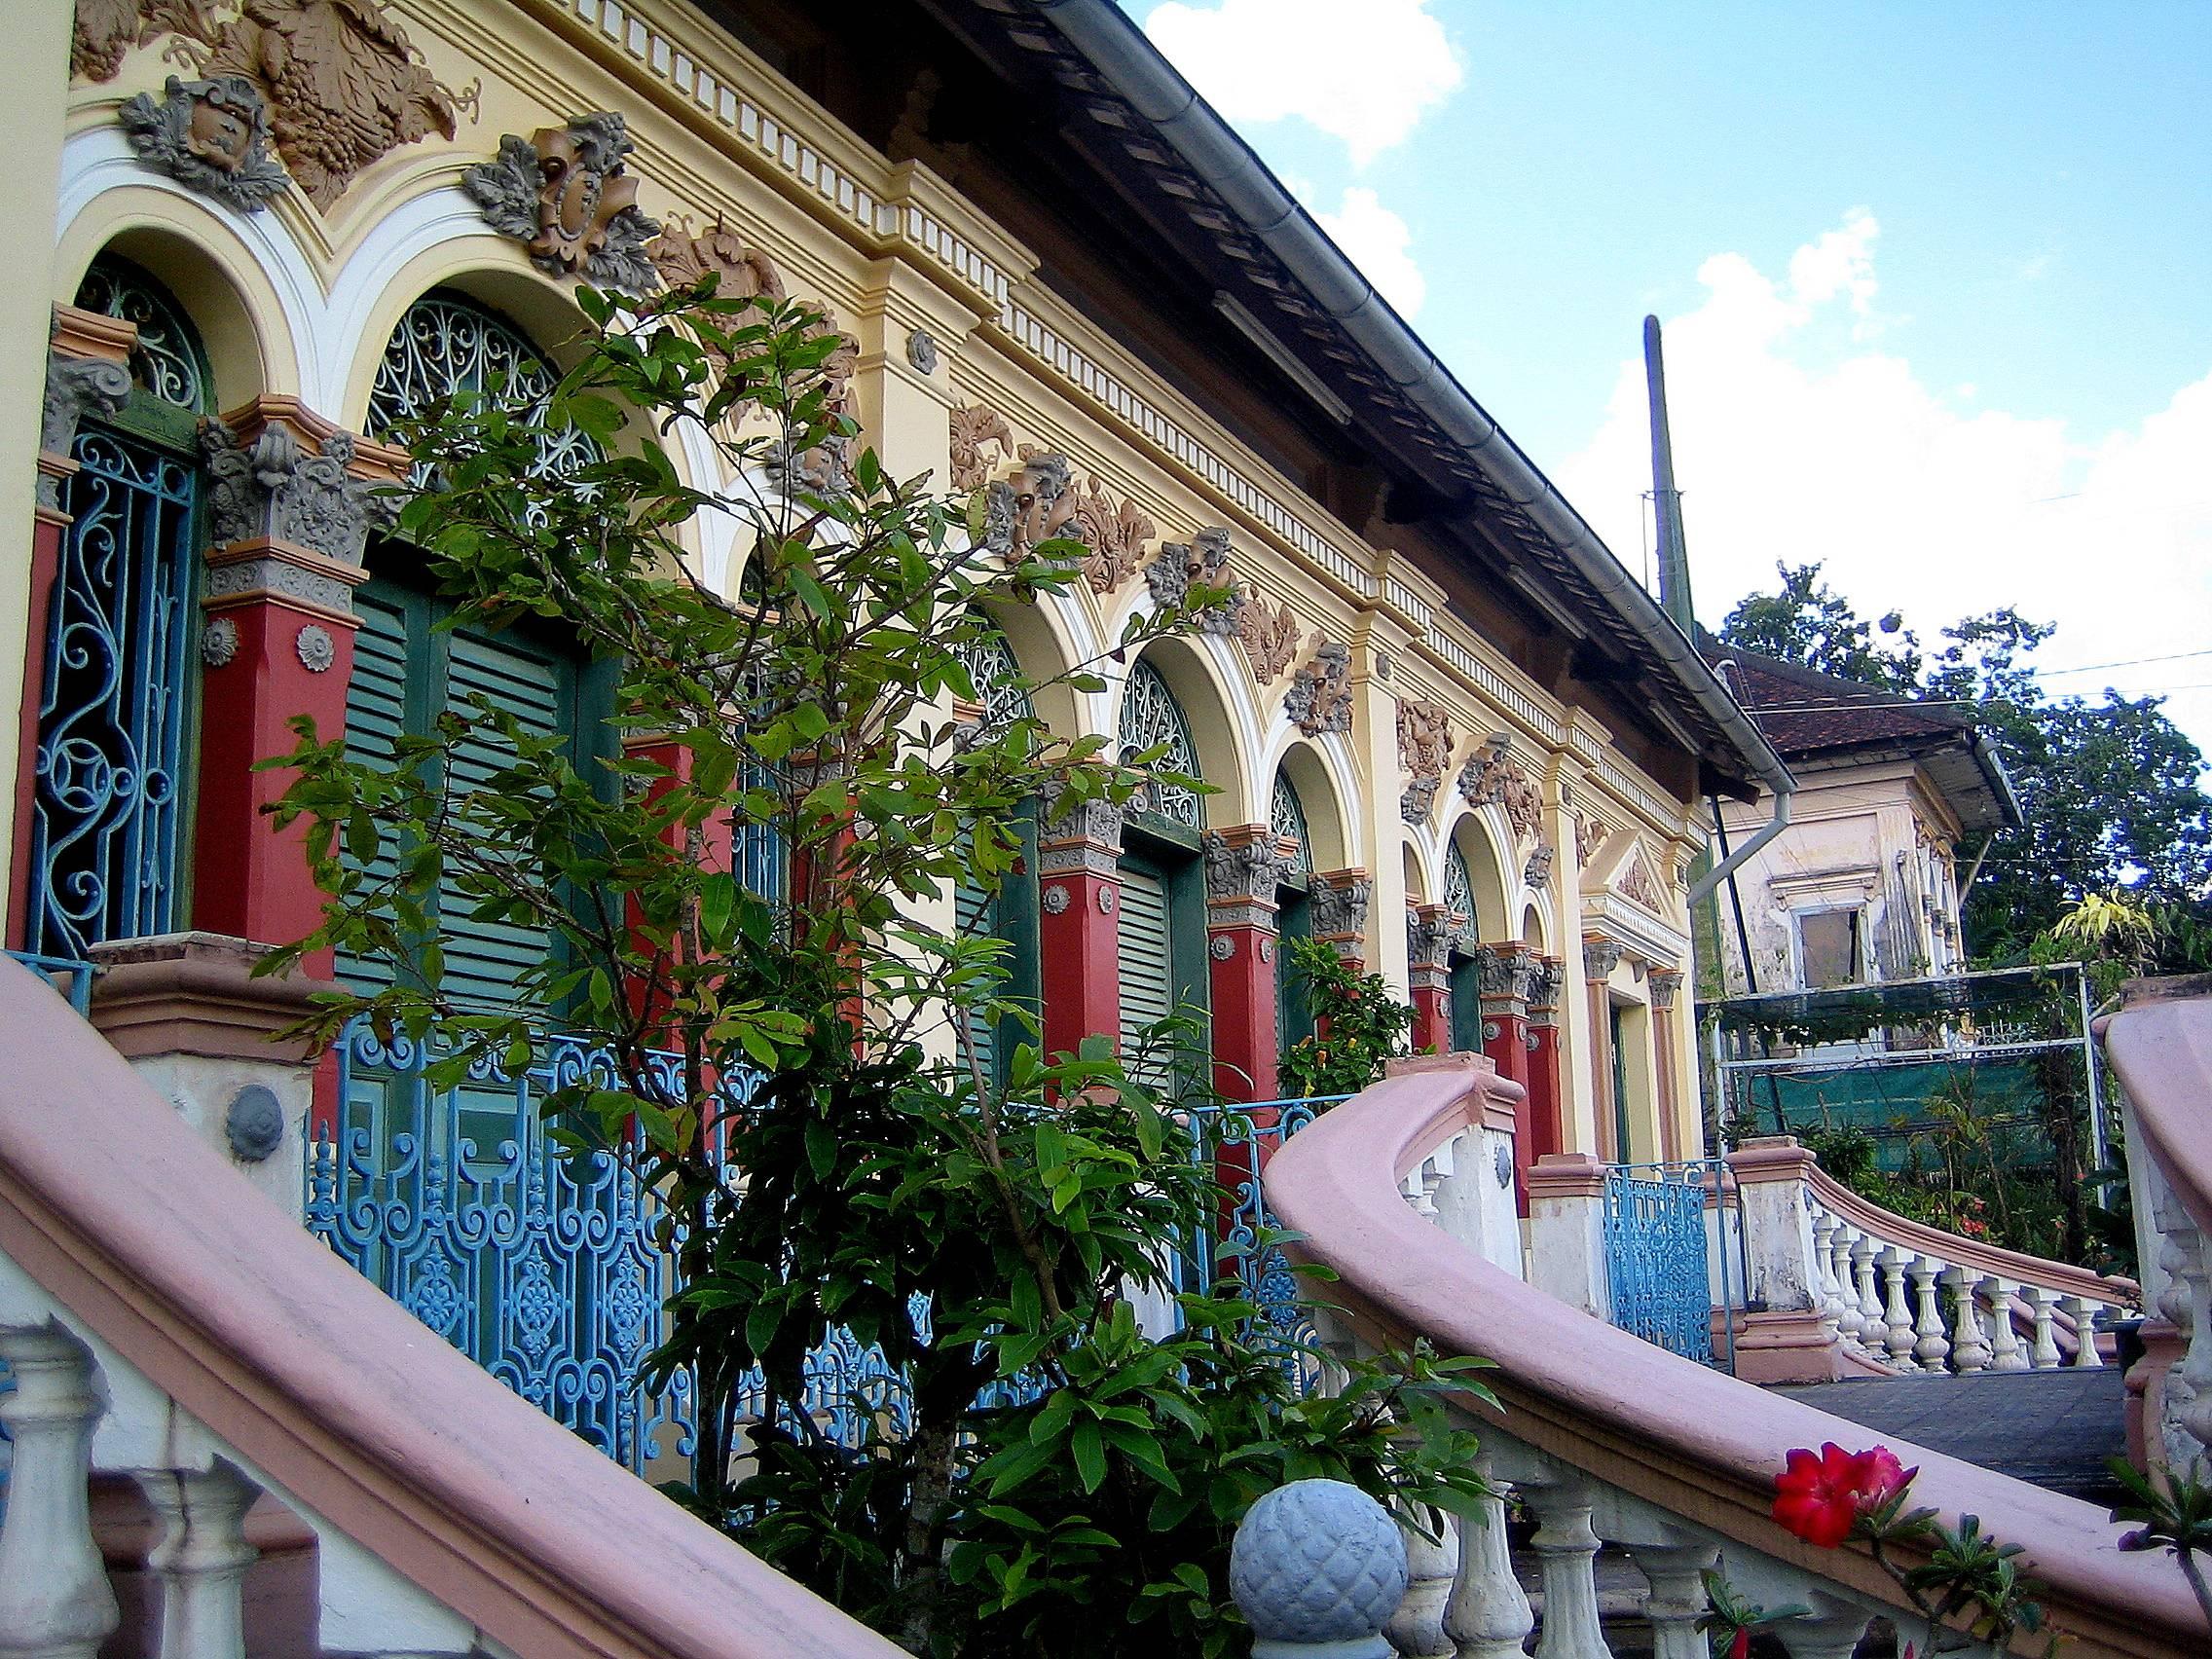 Kiến trúc độc đáo bên ngoài nhà cổ (nguồn sưu tầm)